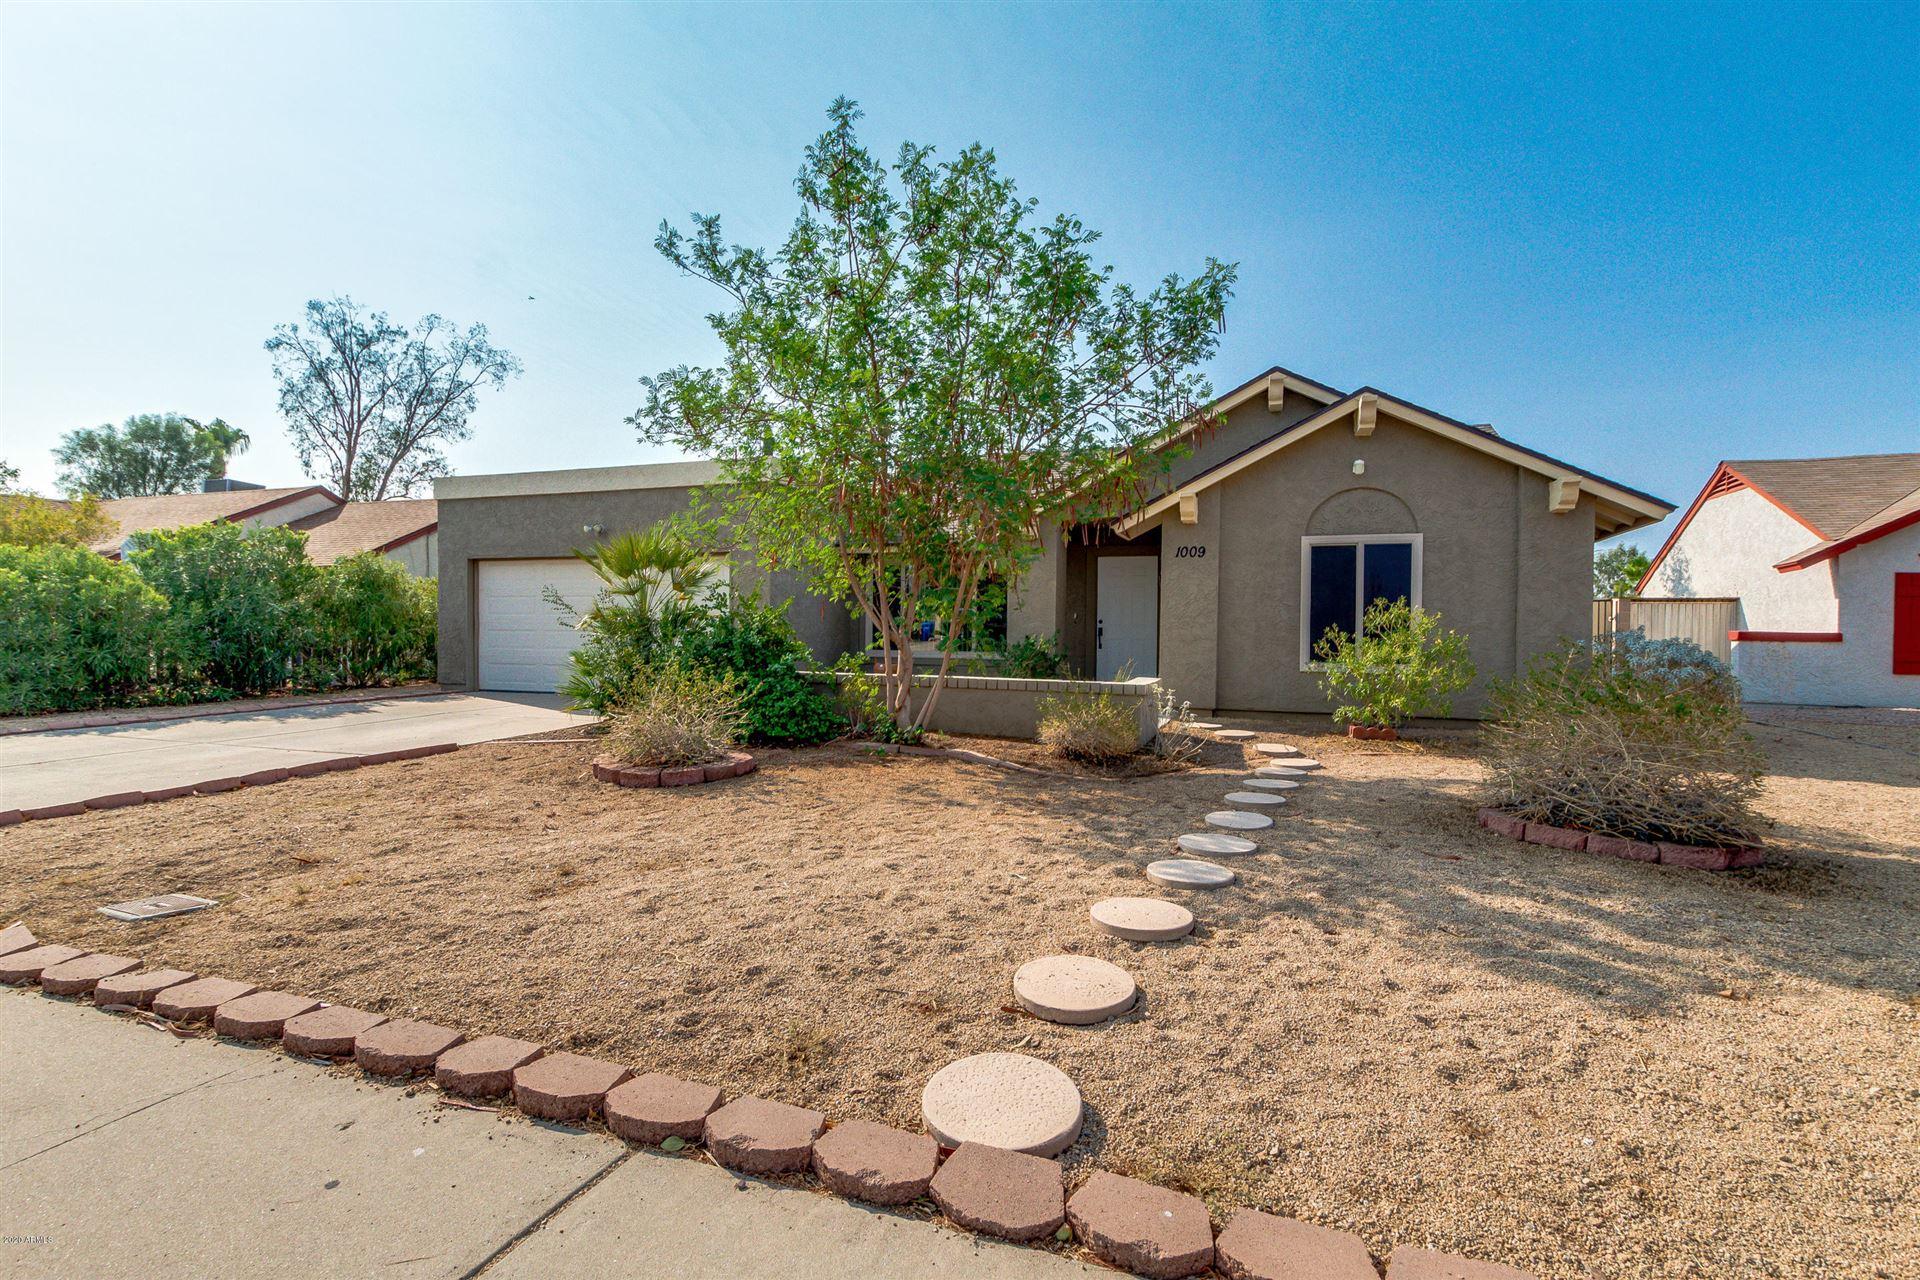 1009 W ROSS Avenue, Phoenix, AZ 85027 - MLS#: 6132859